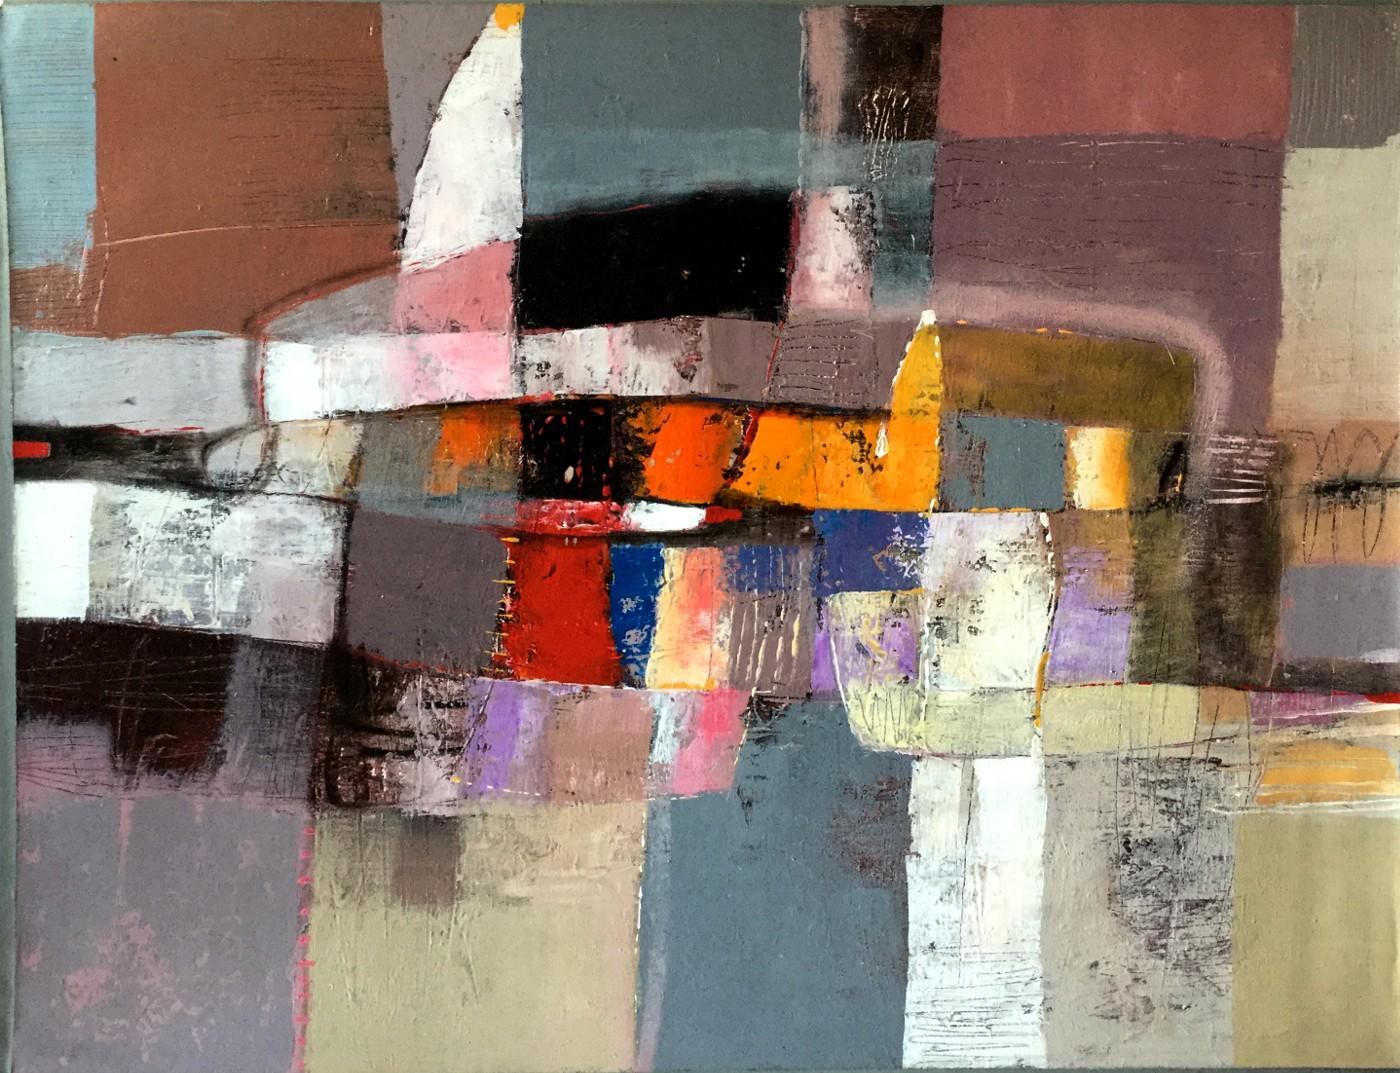 Abstrakte Komposition auf Orangegelb und Petrol-Rosa